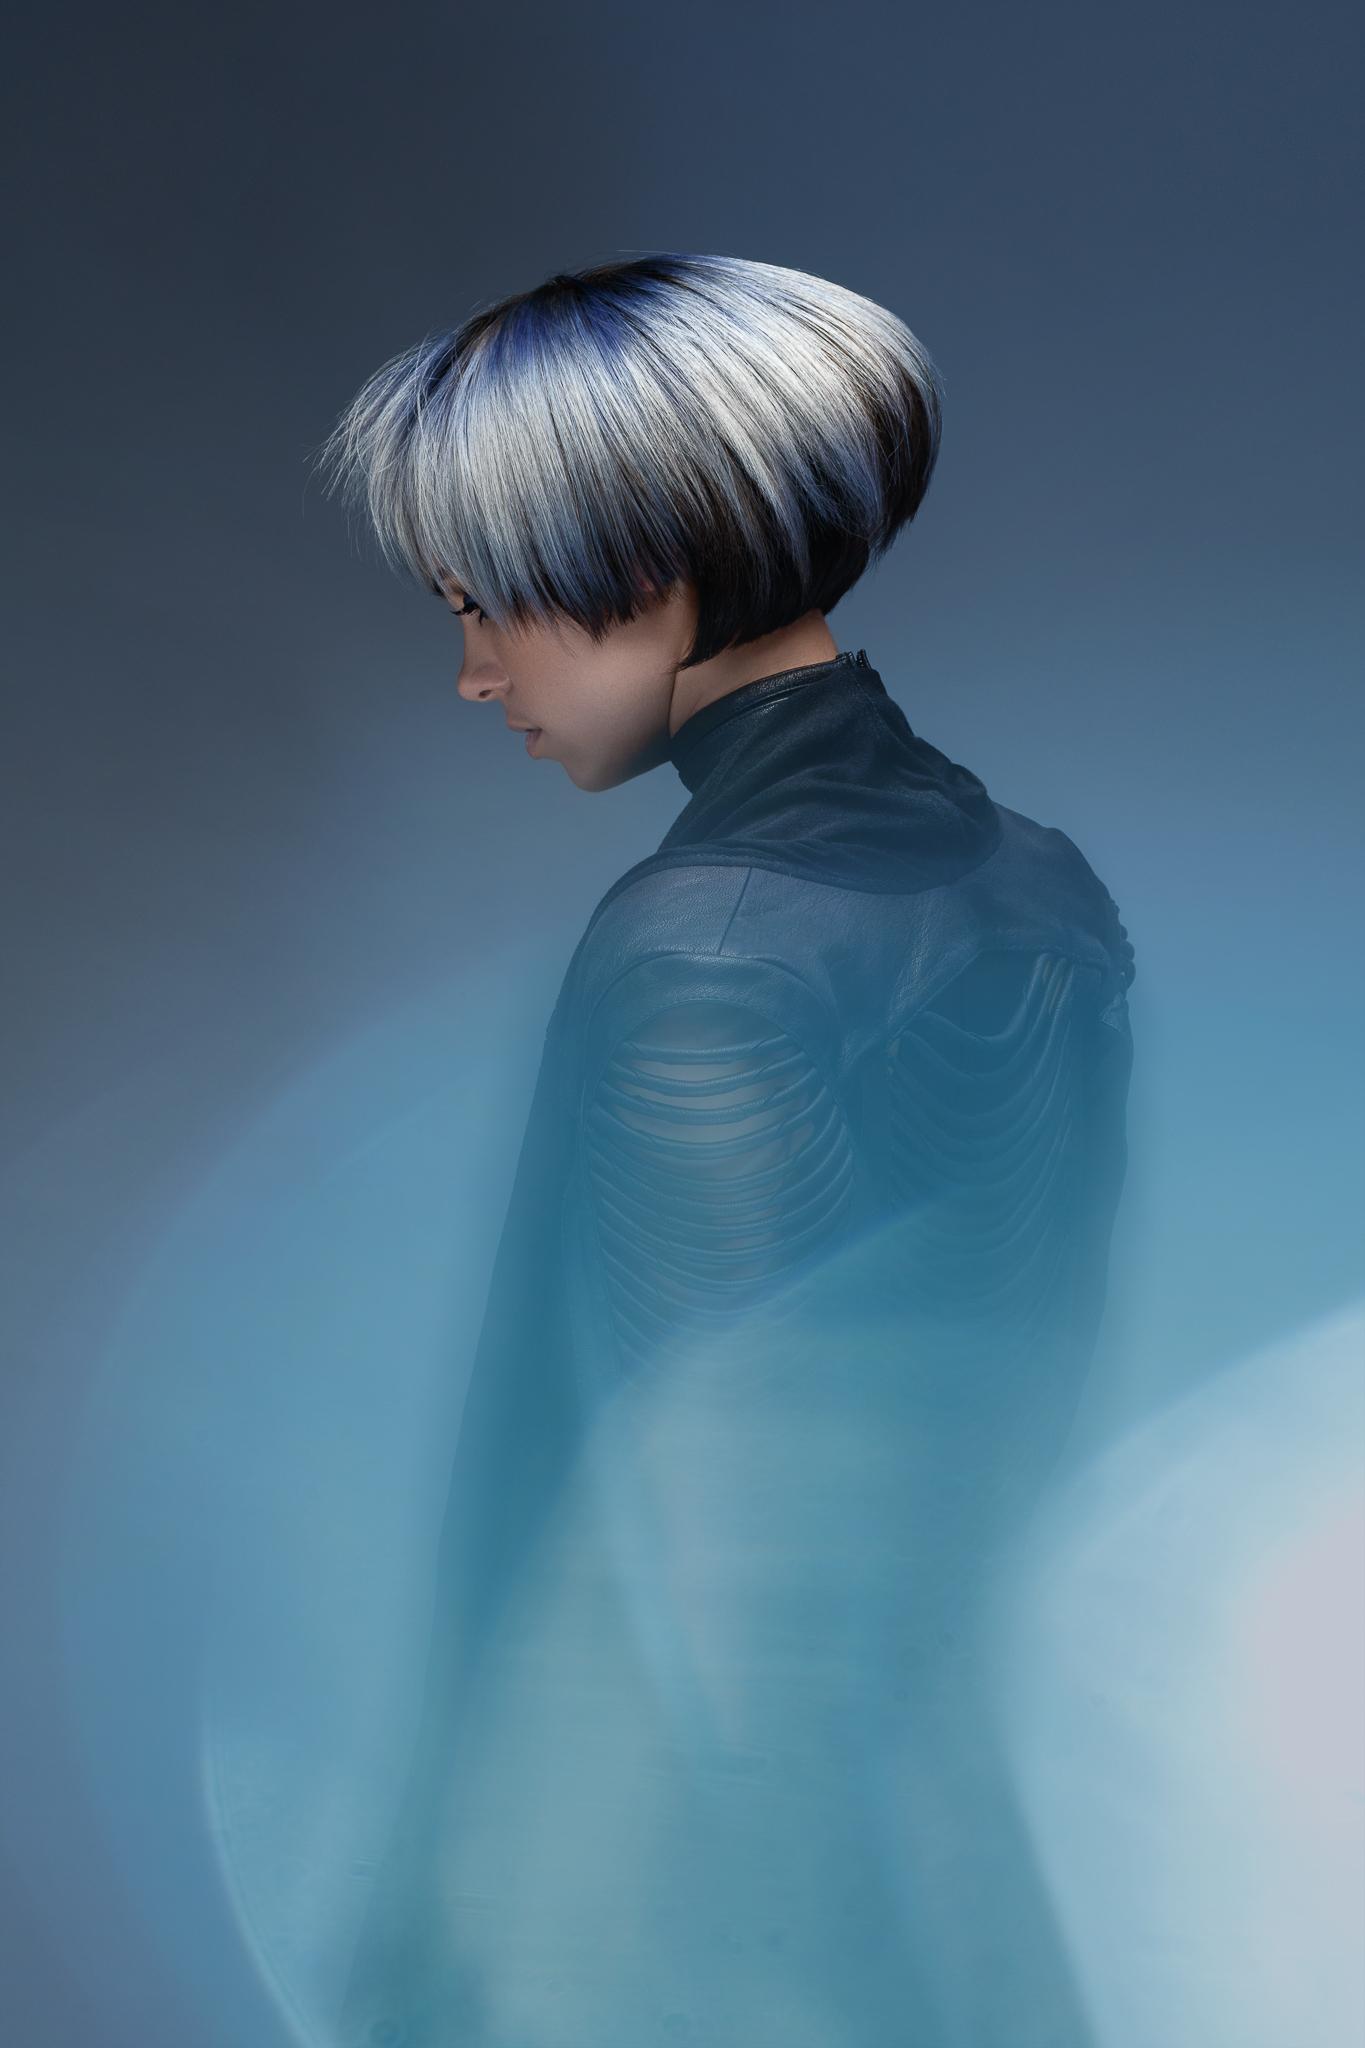 Photo©Pascal_LATIL_-Elie_Valiere_-_Bleu_-_Light_Web_-_4